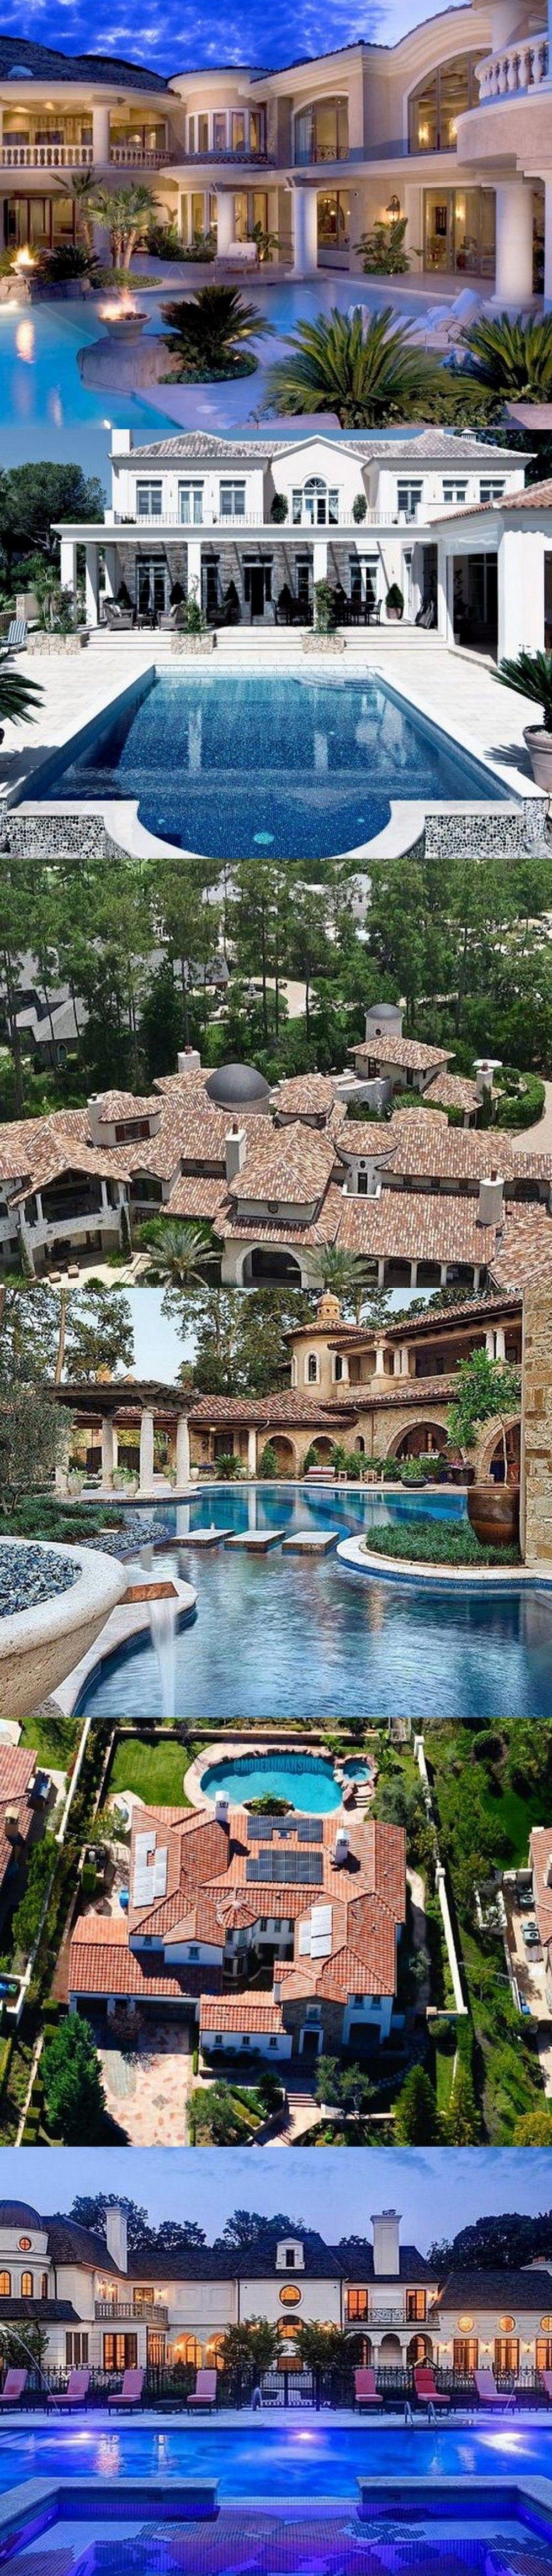 Stunning Dream Homes Mega Mansions From Social Media